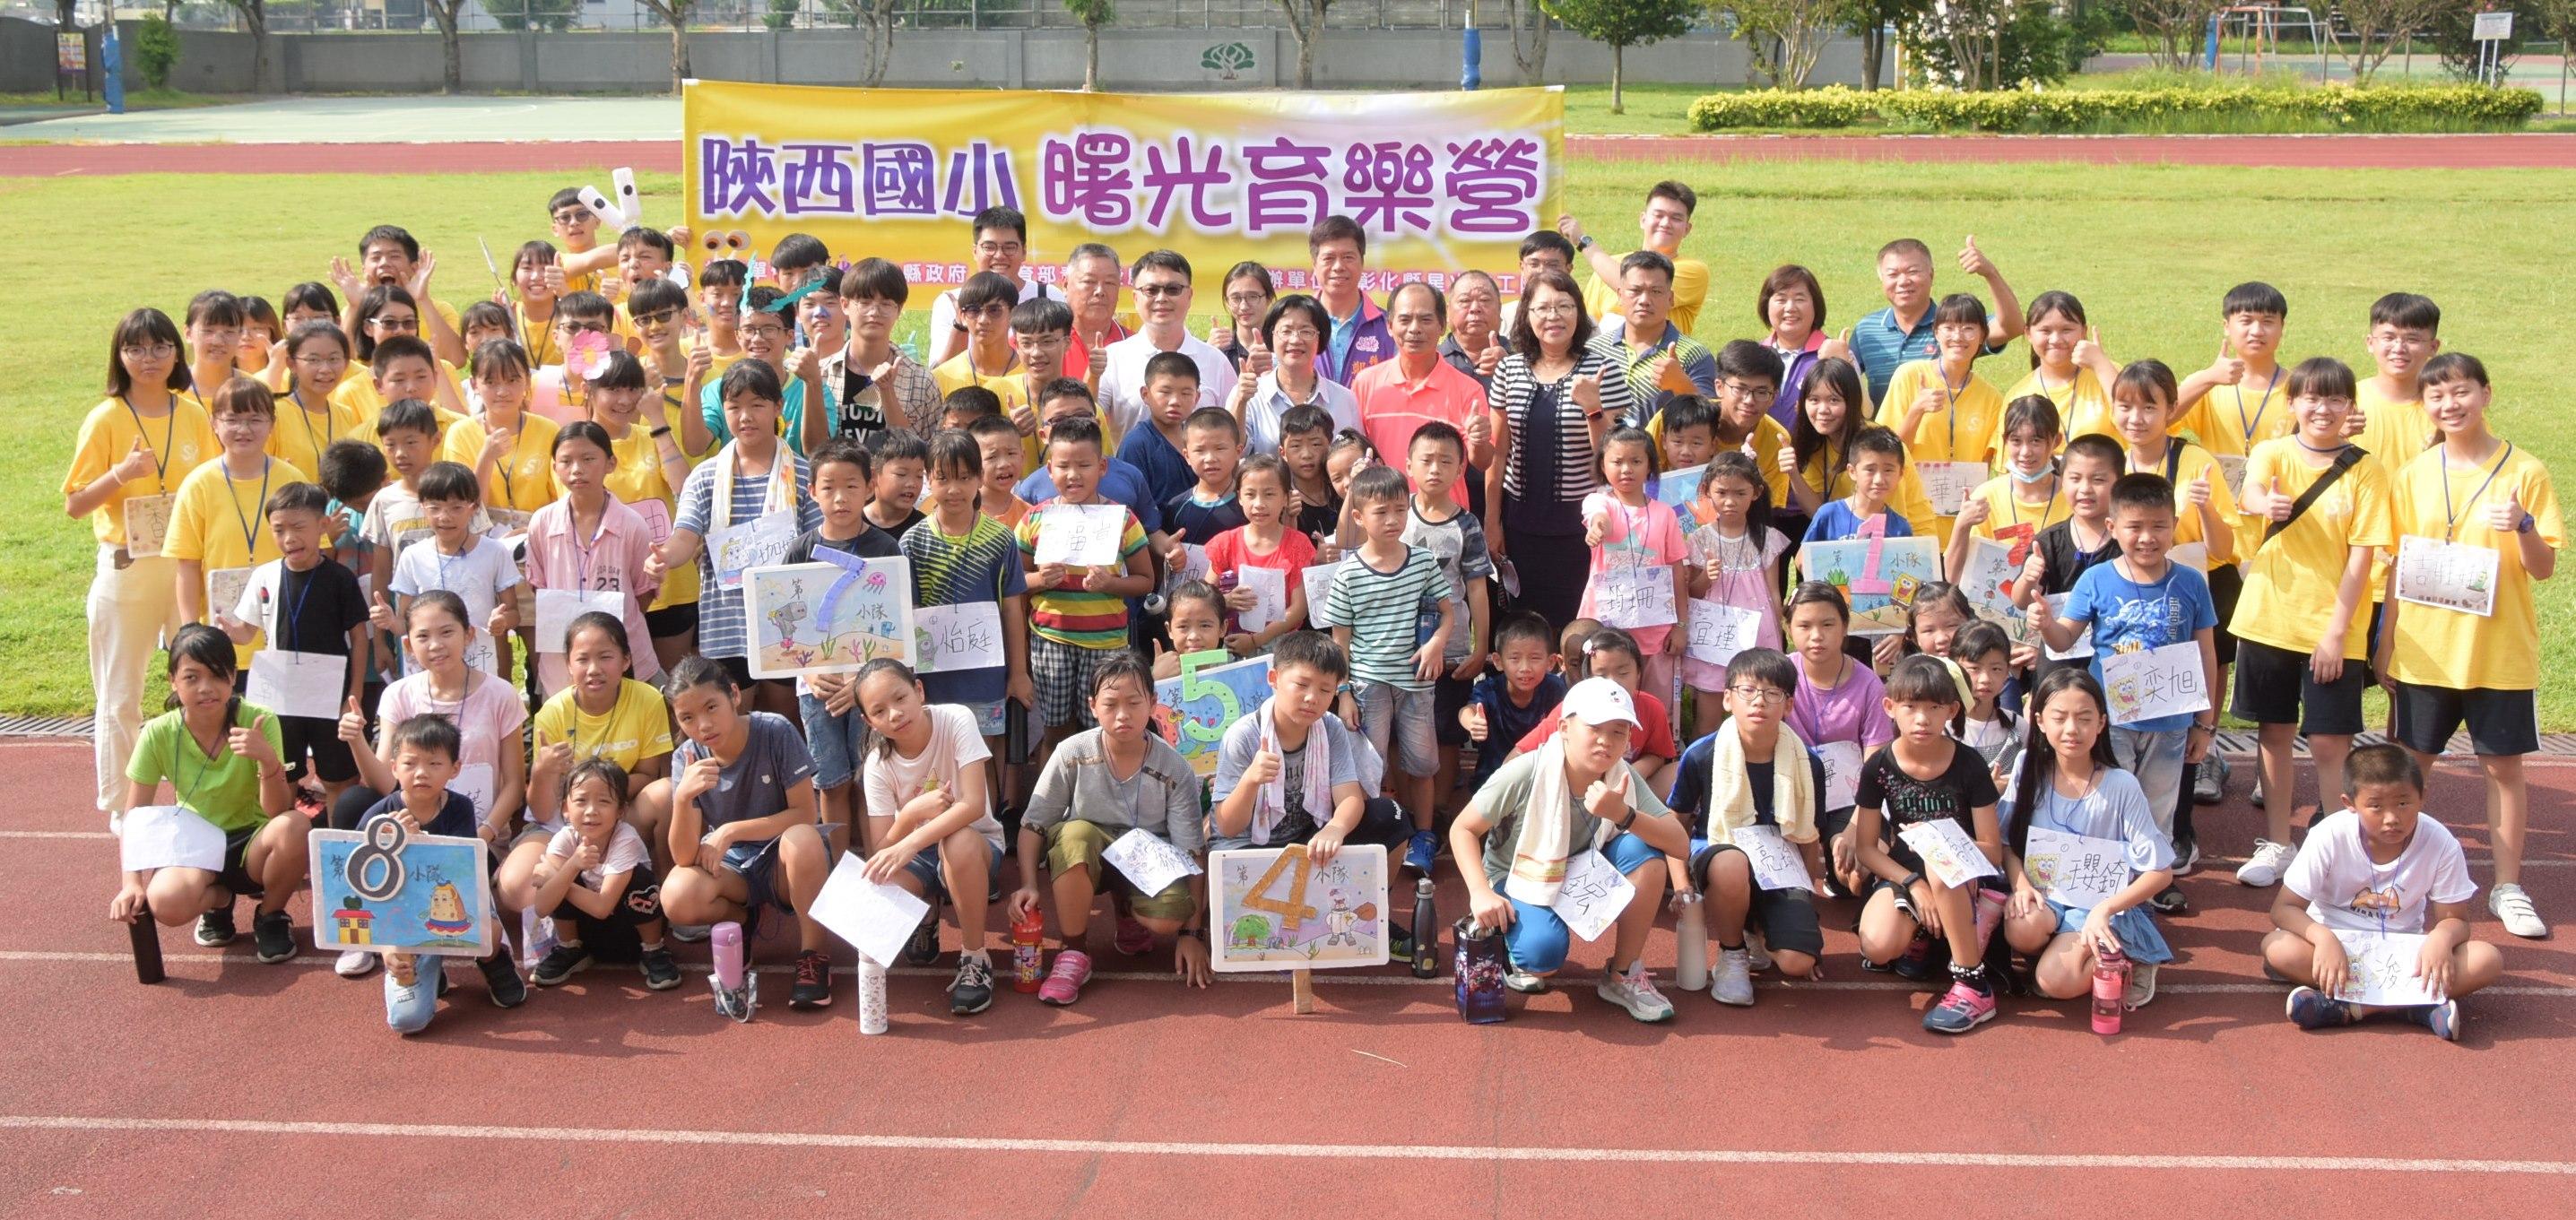 陝西國小辦理曙光育樂營 多元學習 快樂成長